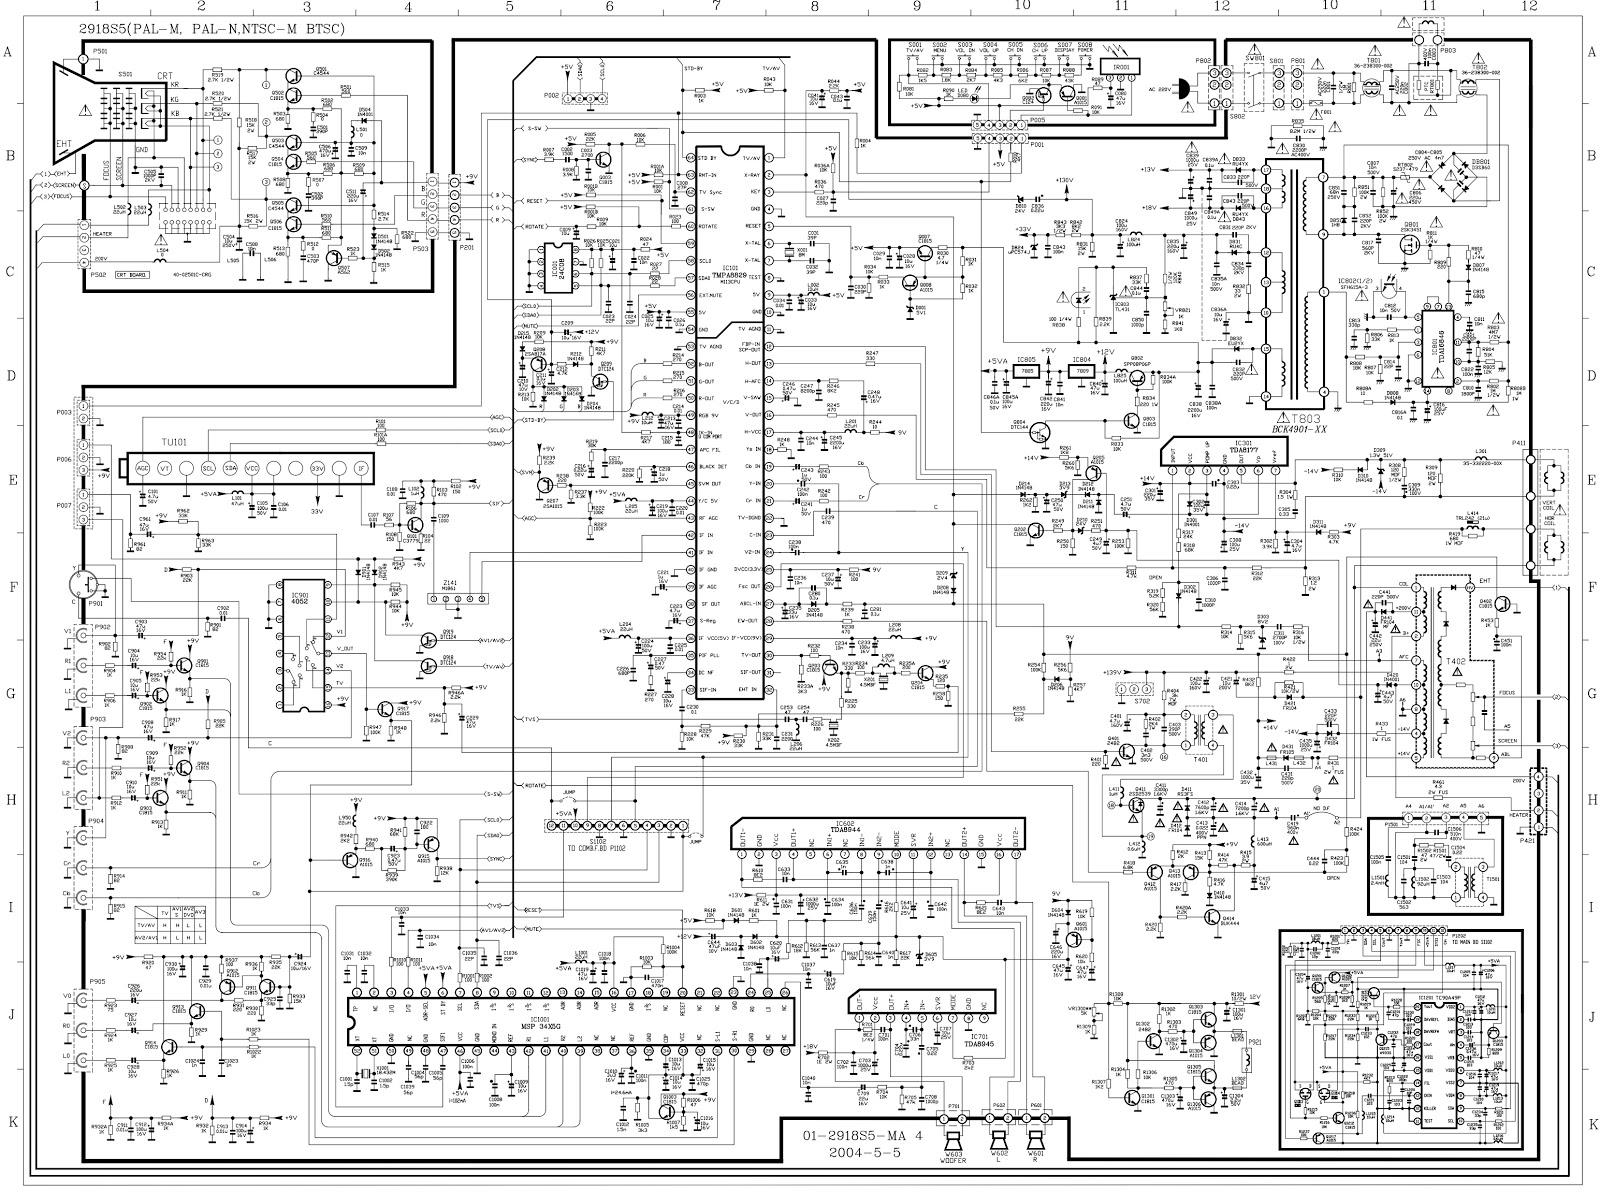 samsung bluetooth subwoofer wiring schematic